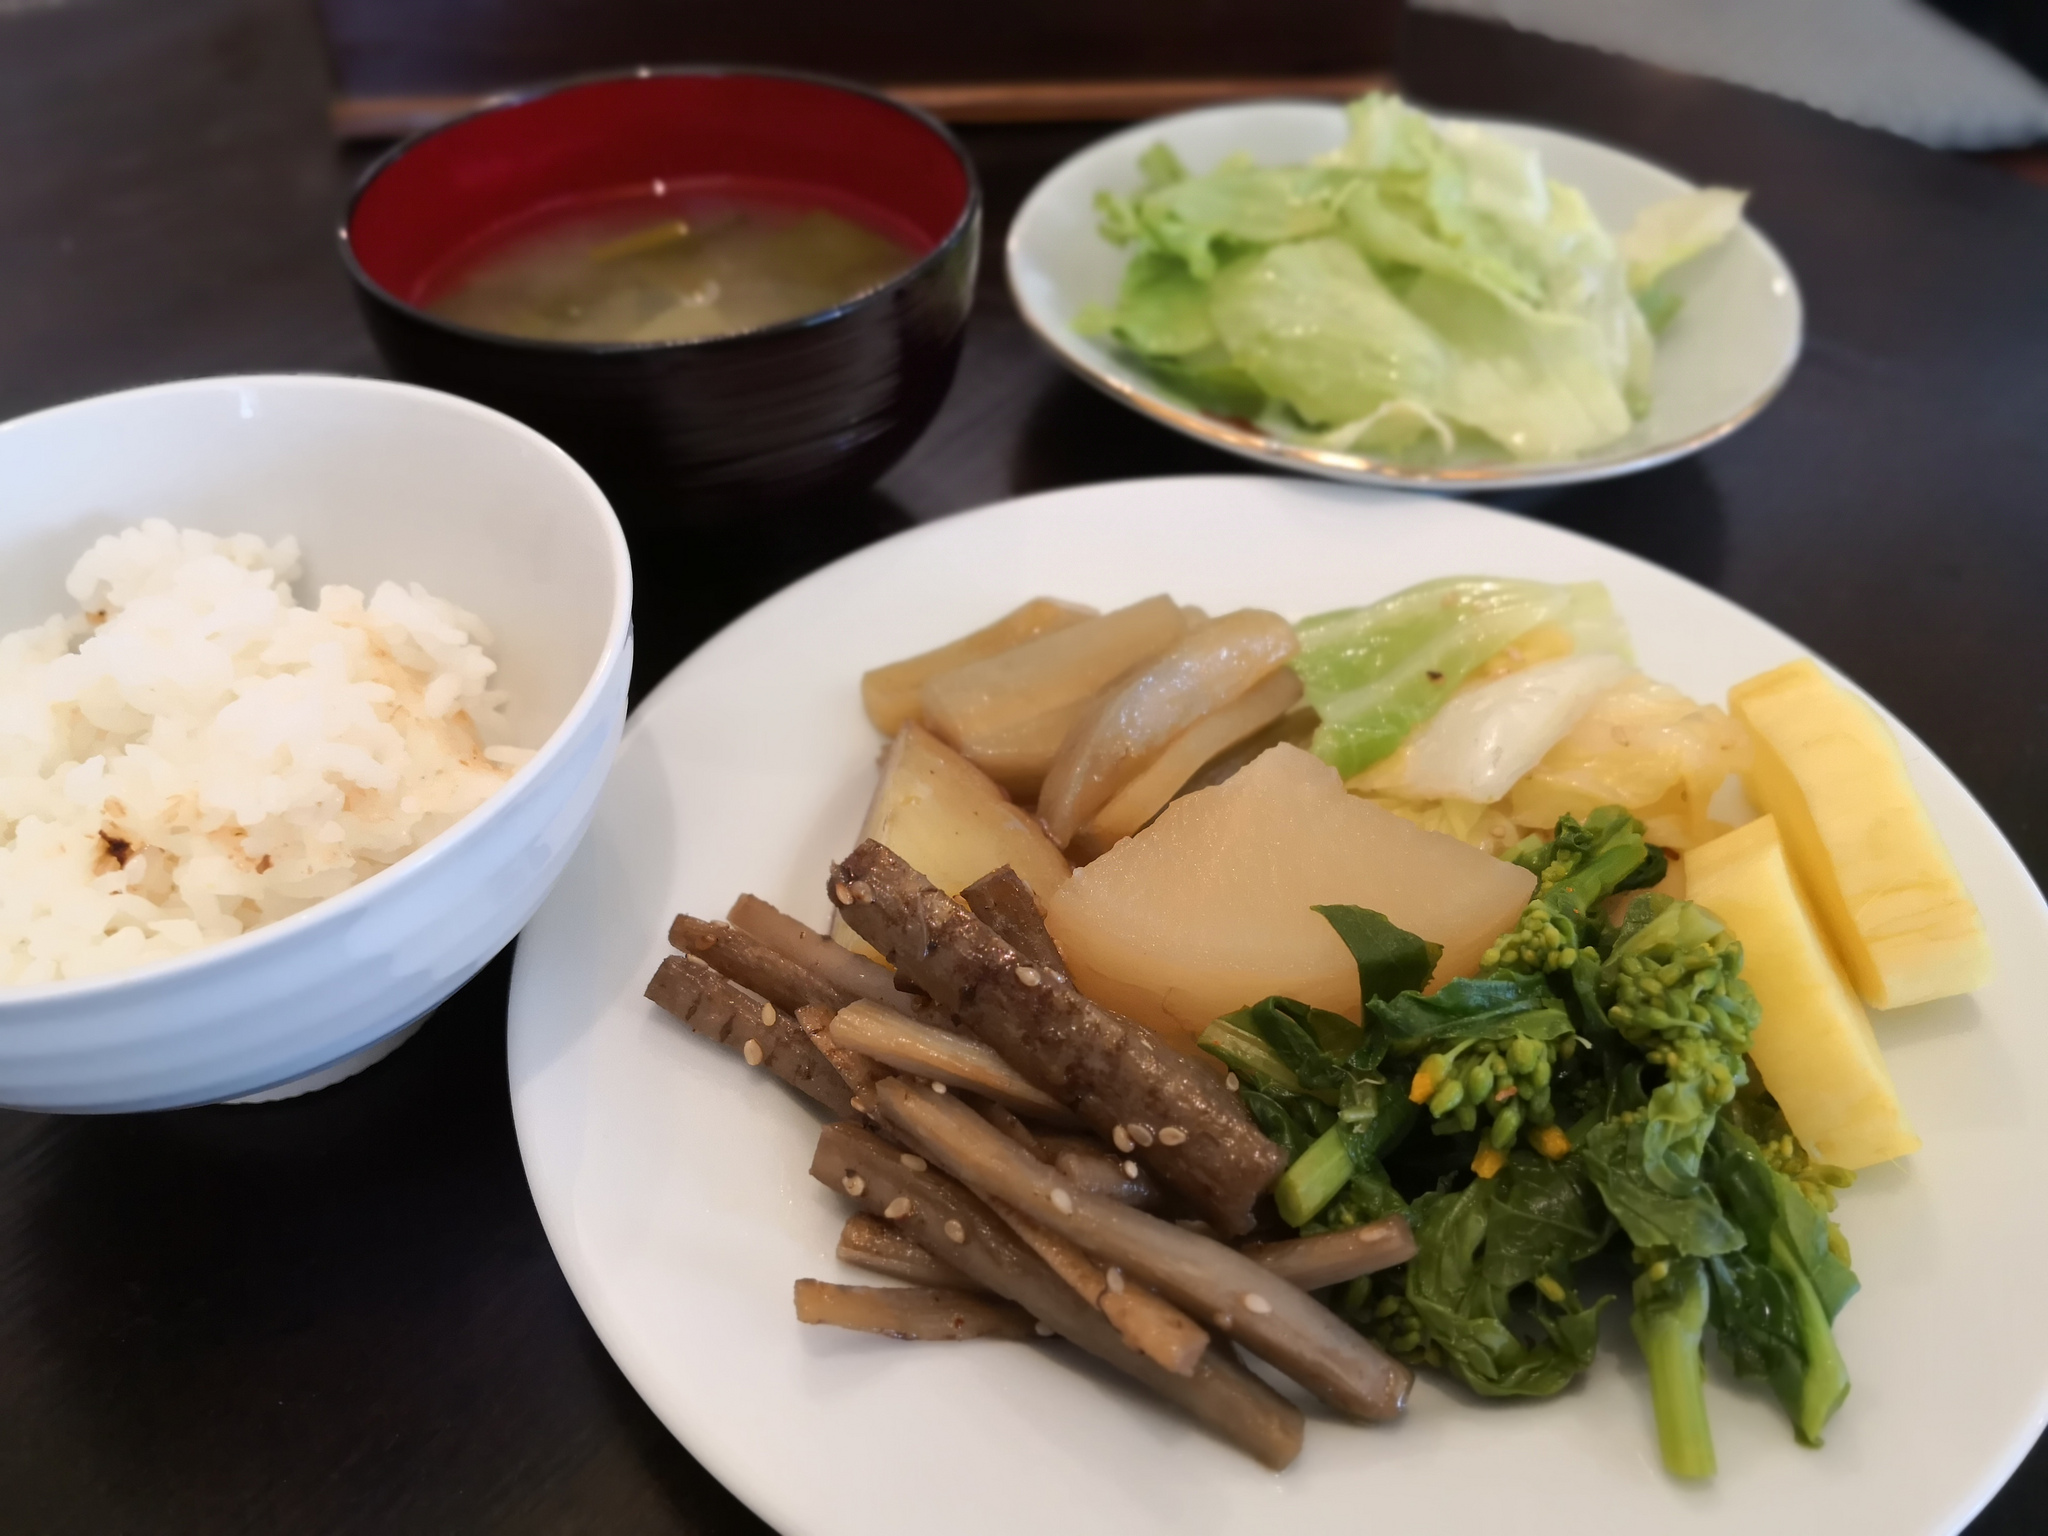 【不動前】とかいなか食堂@農家直送の野菜を使ったお惣菜が食べ放題!体にもお財布にも優しい。